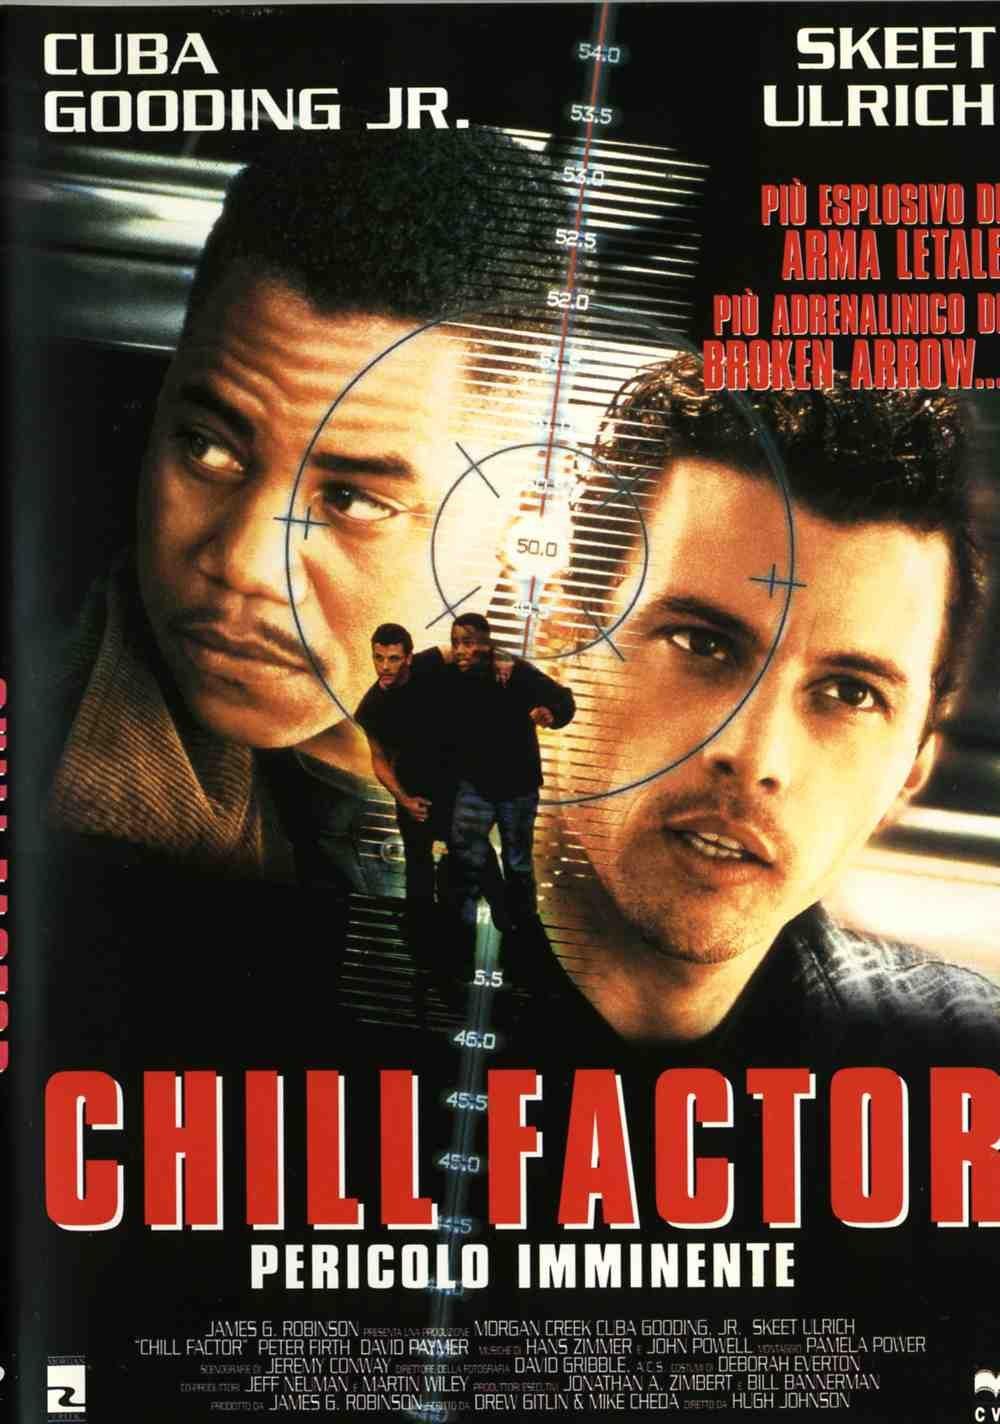 CHILL FACTOR PERICOLO IMMINENTE - USATO EX NOLEGGIO (DVD)